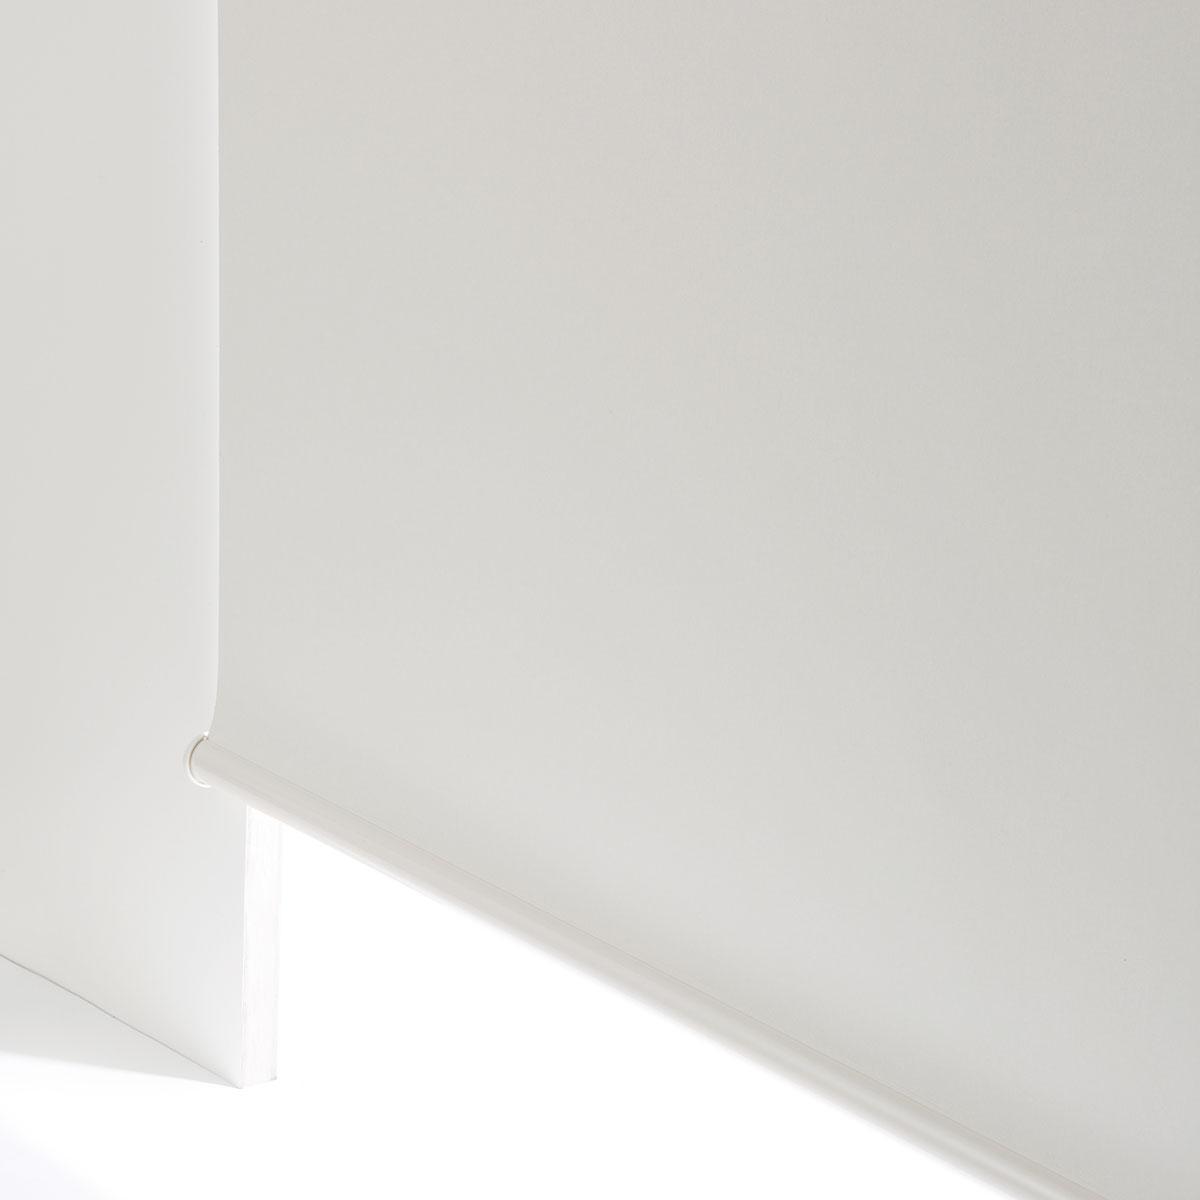 遮光ロールスクリーン チェーン式(ドルフィンWH165X220) ニトリ 【送料有料・玄関先迄納品】